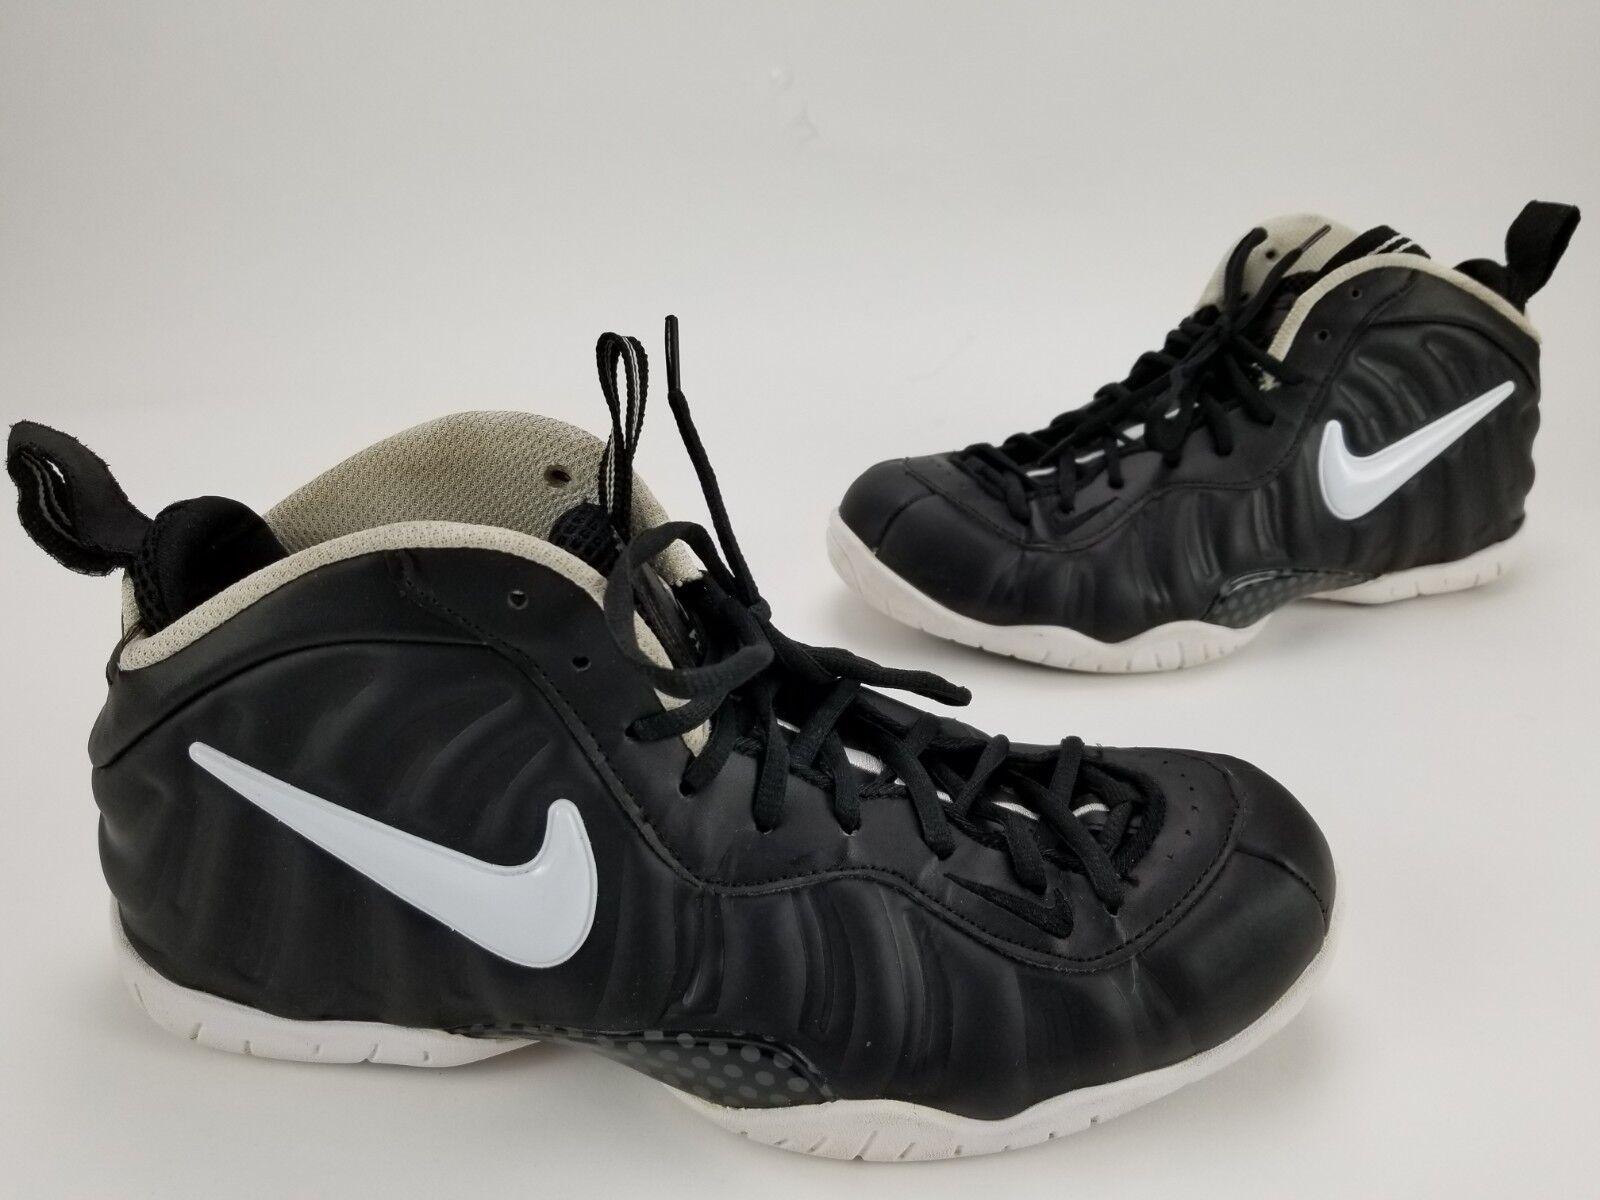 Nike Air Foamposite Pro Dr Doom Black White Foams Men's shoes 624041-604 Size 11